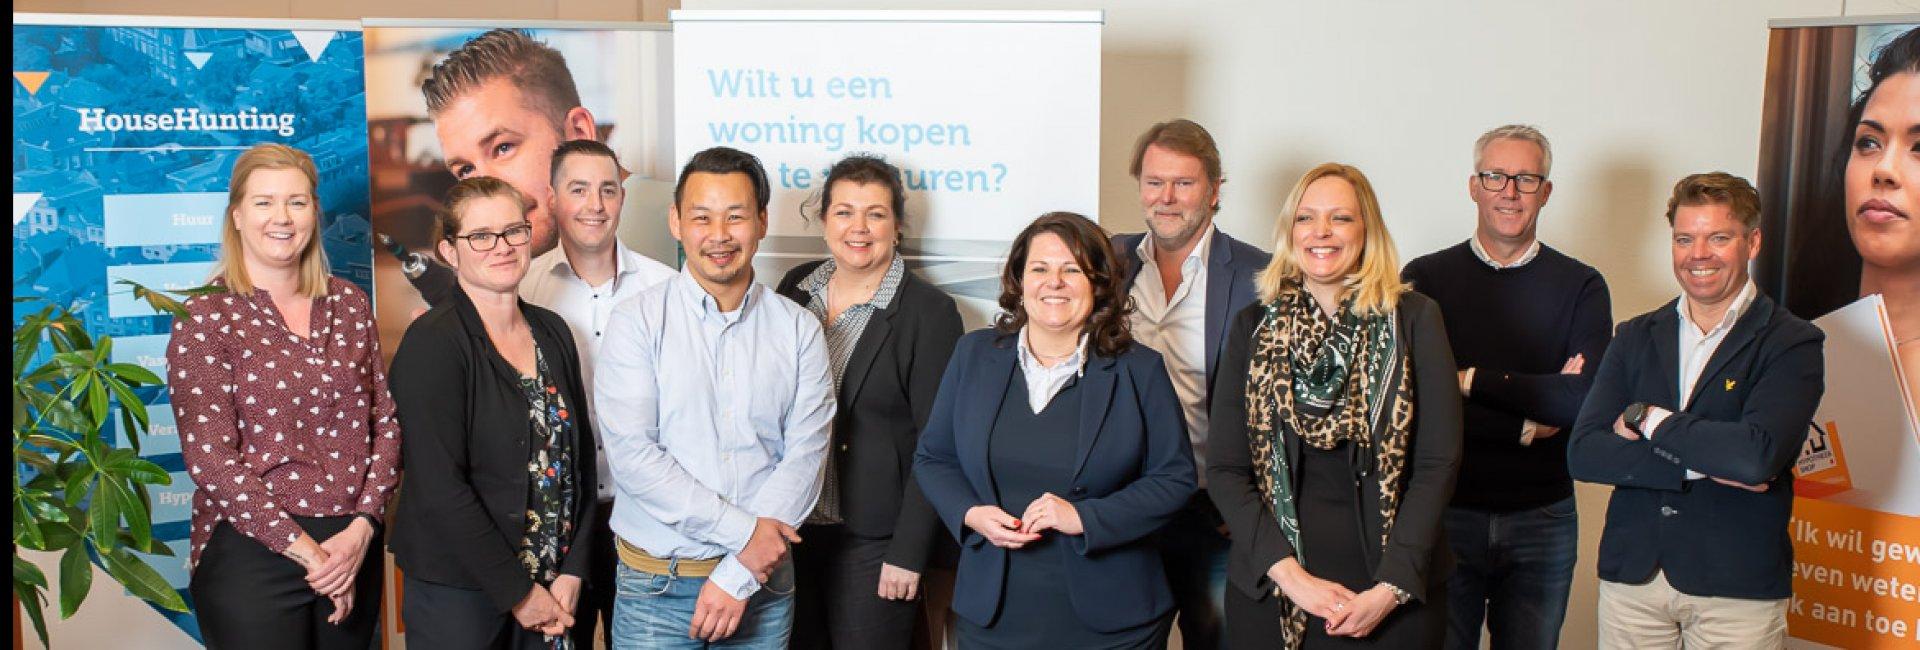 Hypotheekadvies in Waalwijk